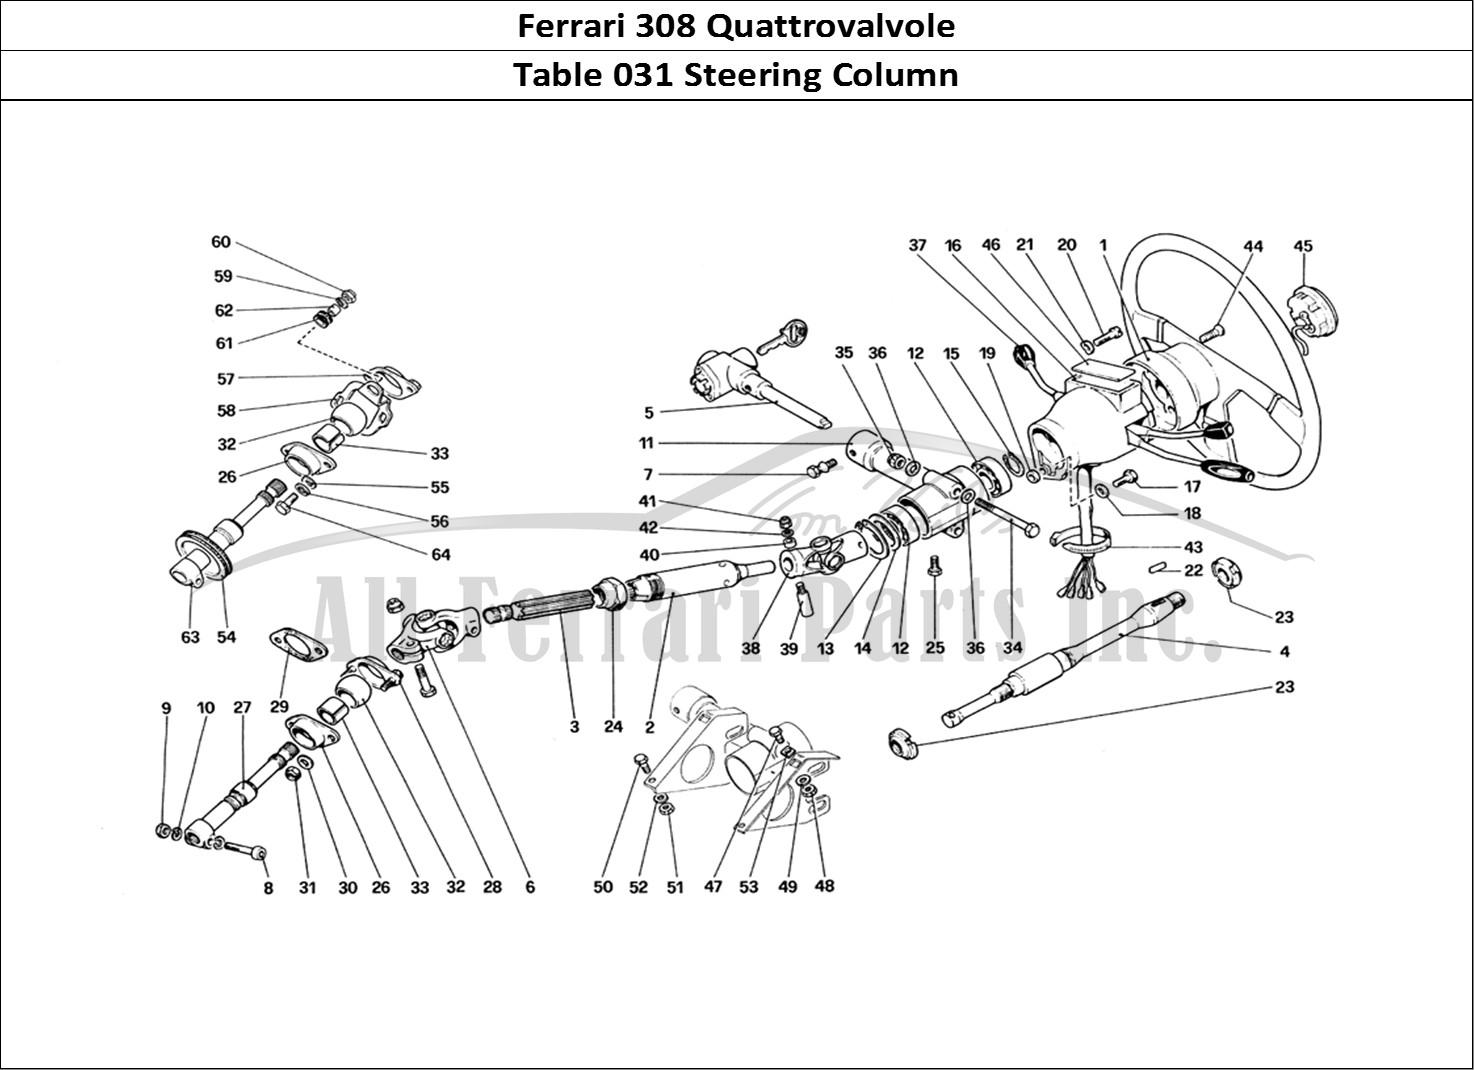 Buy Original Ferrari 308 Quattrovalvole 031 Steering